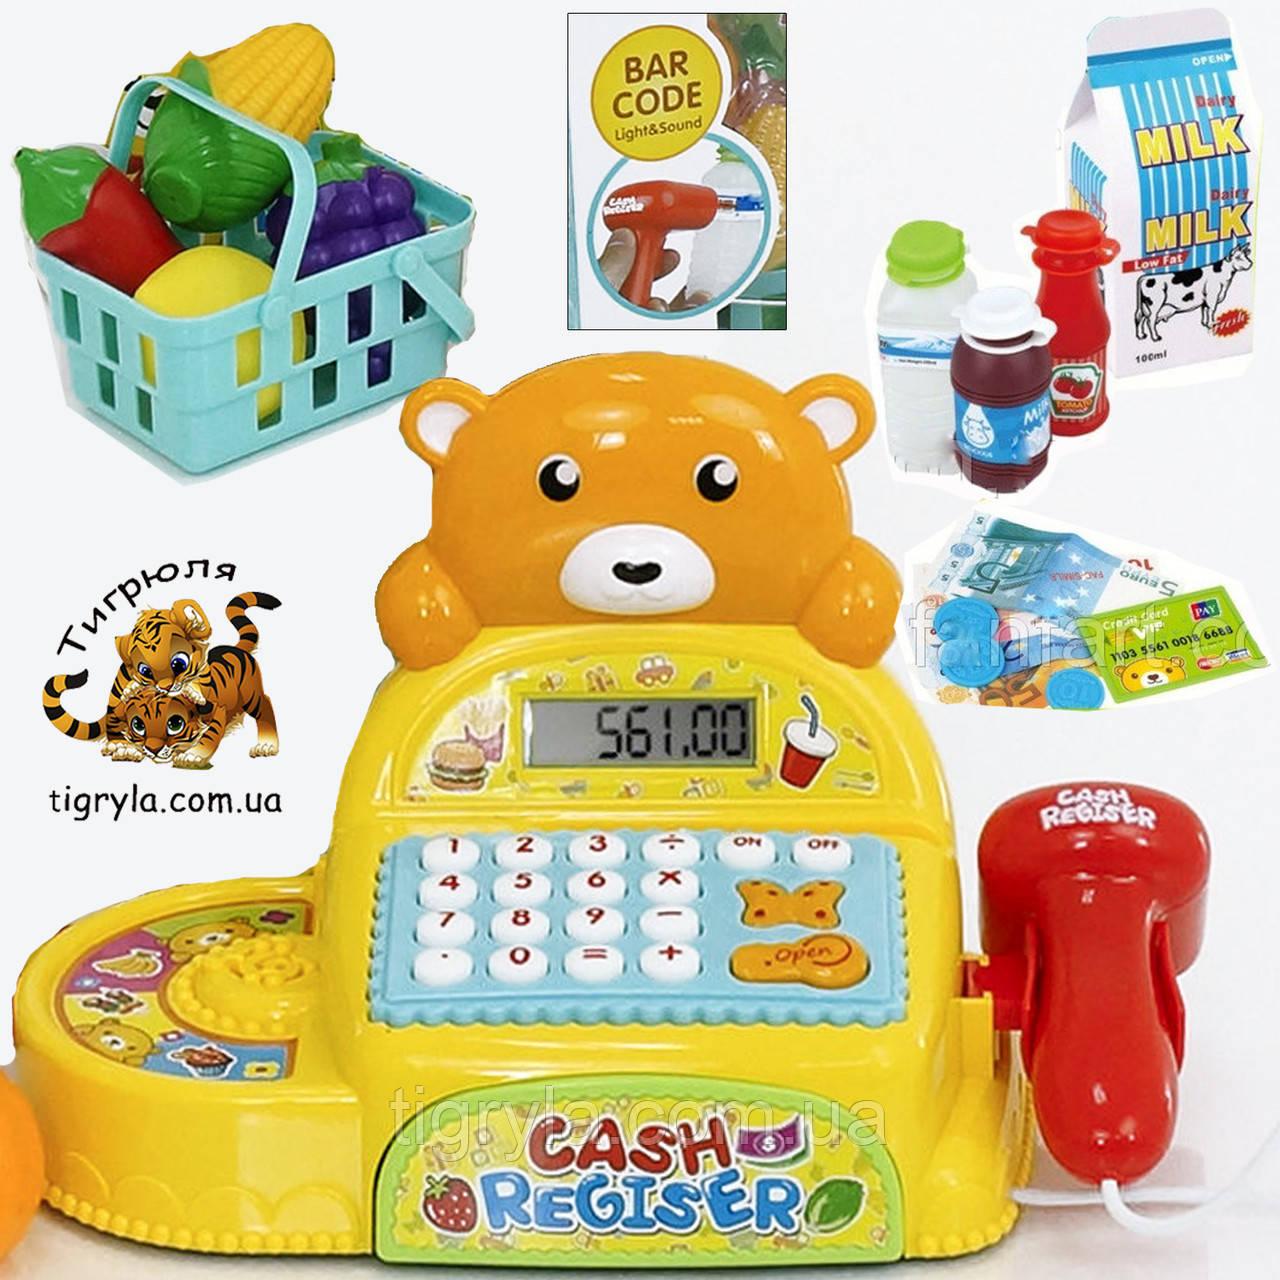 Кассовый аппарат детский игровой набор Касса детская Игрушка магазин детский игровой набор